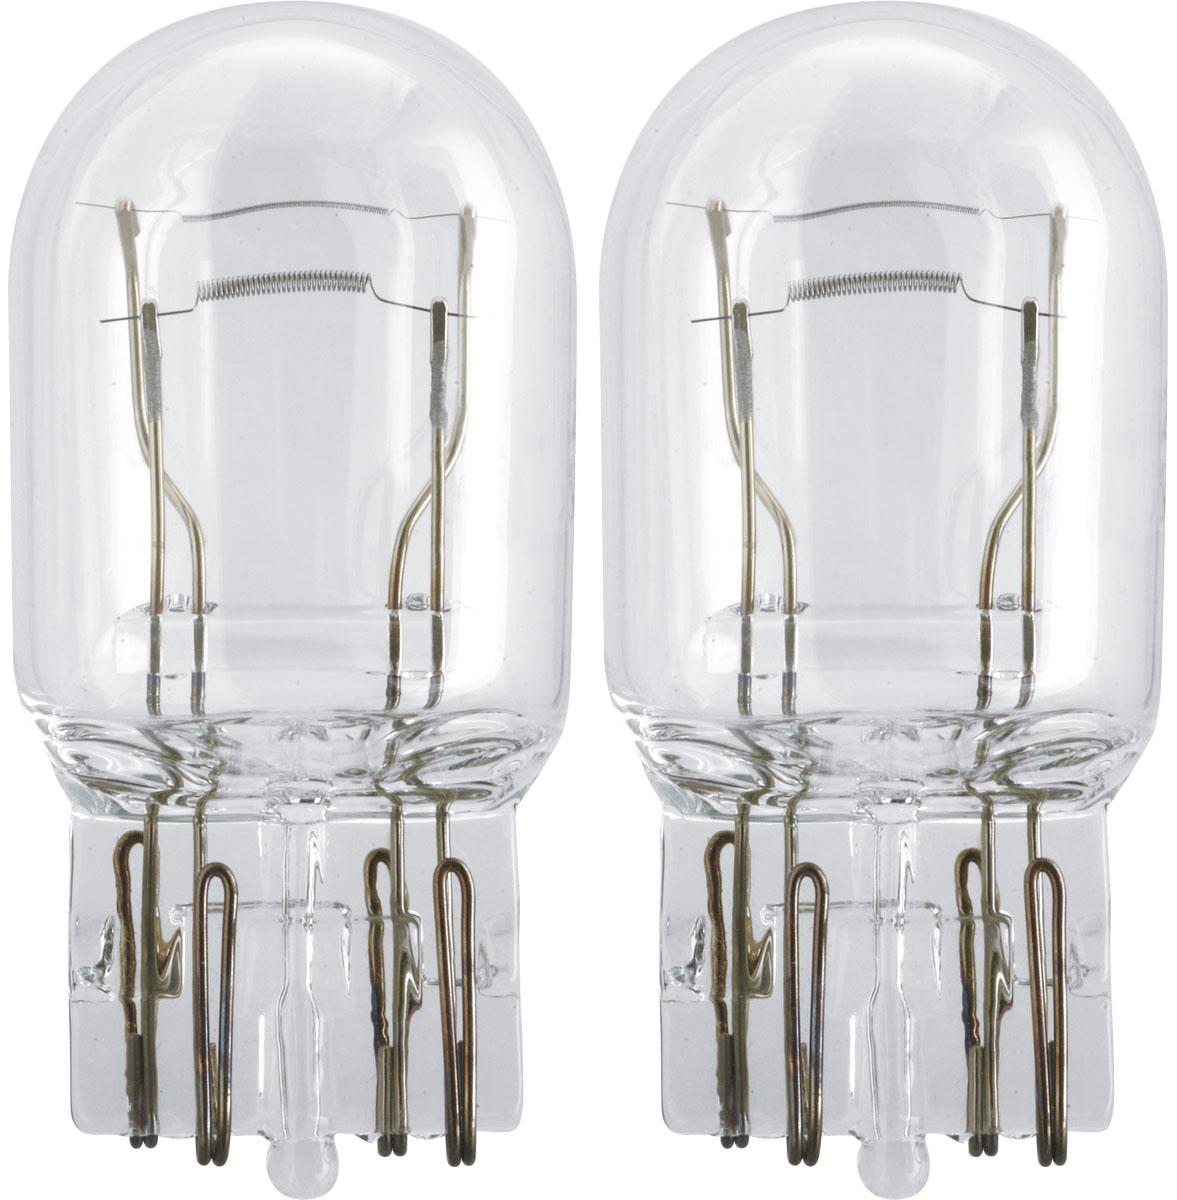 Лампа автомобильная галогенная Philips Vision, сигнальная, цоколь W21/5W, 12V, 21/5W, 2 шт12066B2 (бл.)Автомобильная лампа Philips Vision изготовлена из запатентованного кварцевого стекла с УФ-фильтром Philips Quartz Glass. Кварцевое стекло в отличие от обычного стекла выдерживает гораздо большее давление и больший перепад температур. При попадании влаги на работающую лампу, лампа не взрывается и продолжает работать. Лампа Philips Vision производит на 30% больше света по сравнению со стандартной лампой, благодаря чему стоп-сигналы или указатели поворота будут заметны с большего расстояния. Лампа Philips Vision отличается высокой эффективностью, соответствуя всем современным требованиям.